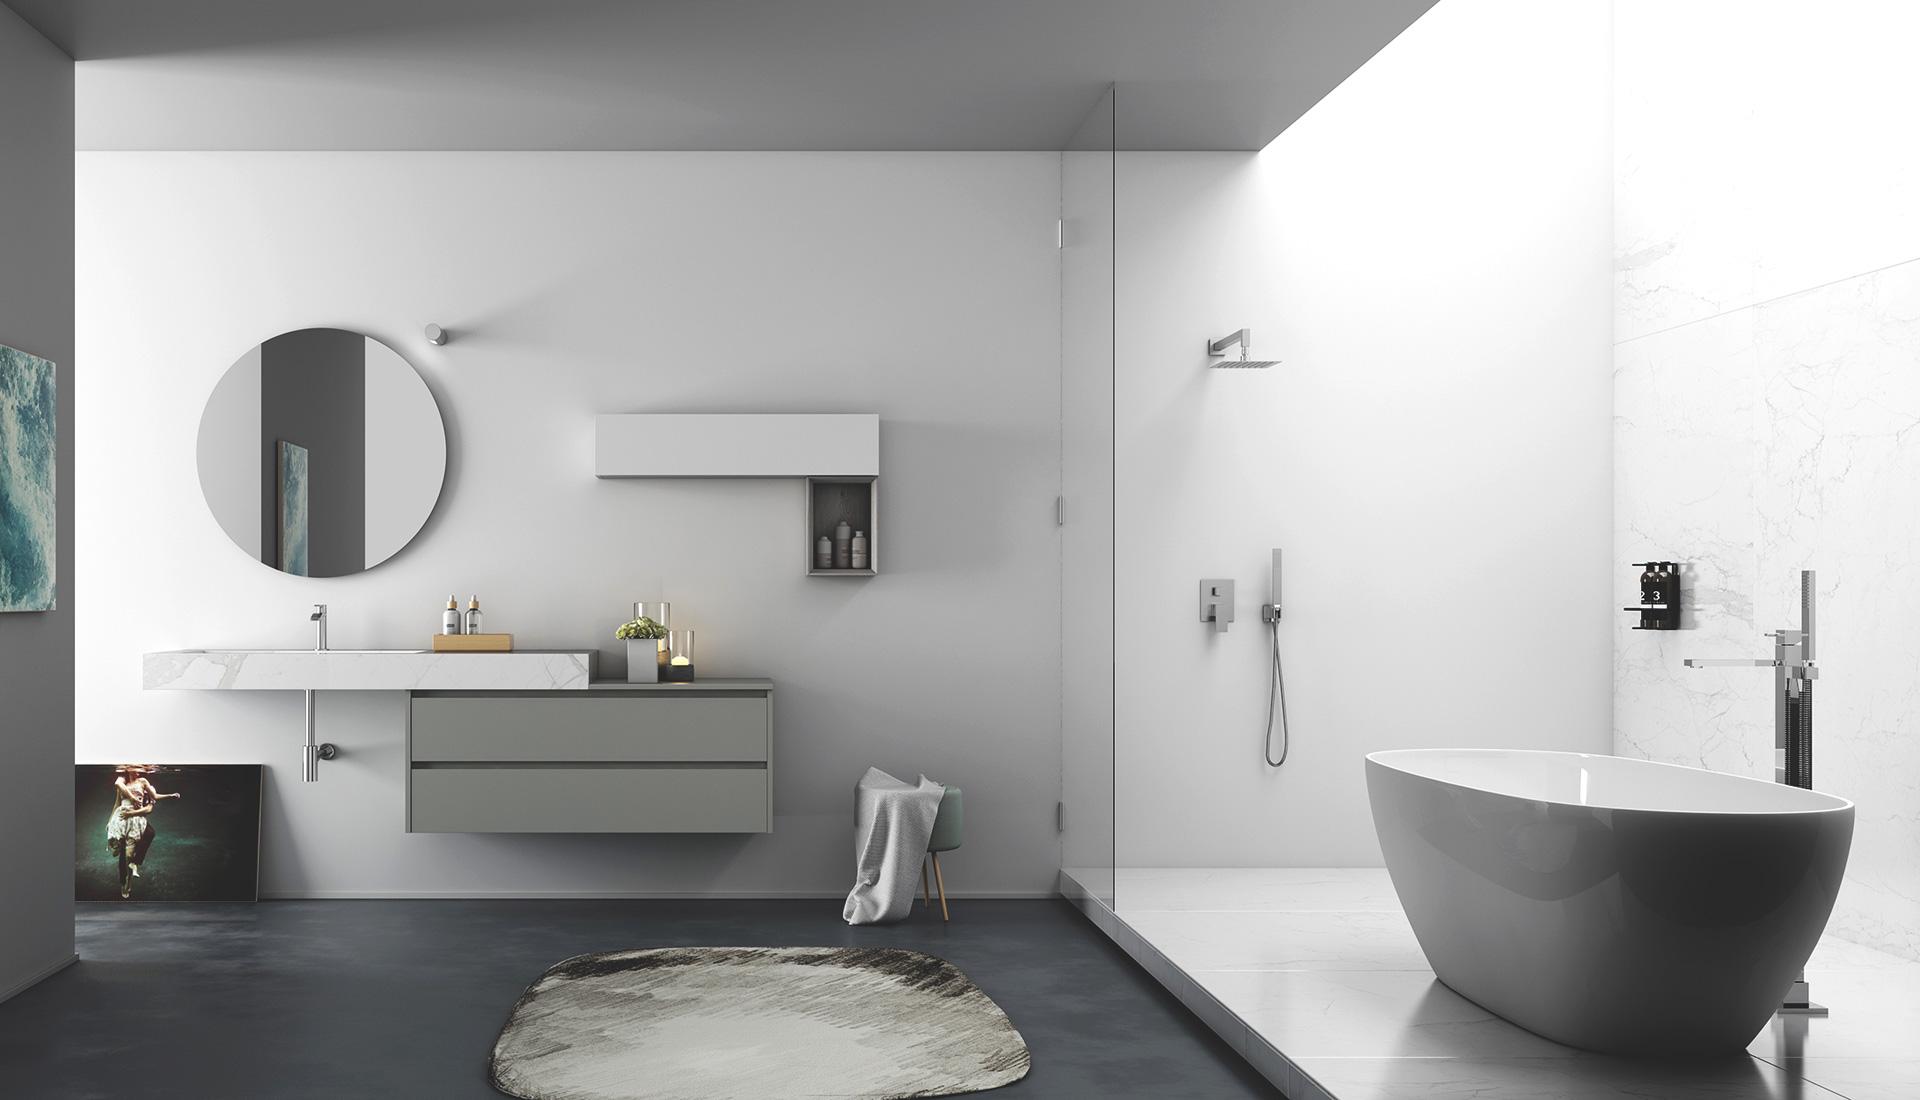 rivenditori mobili bagno | sweetwaterrescue - Rivenditori Arredo Bagno